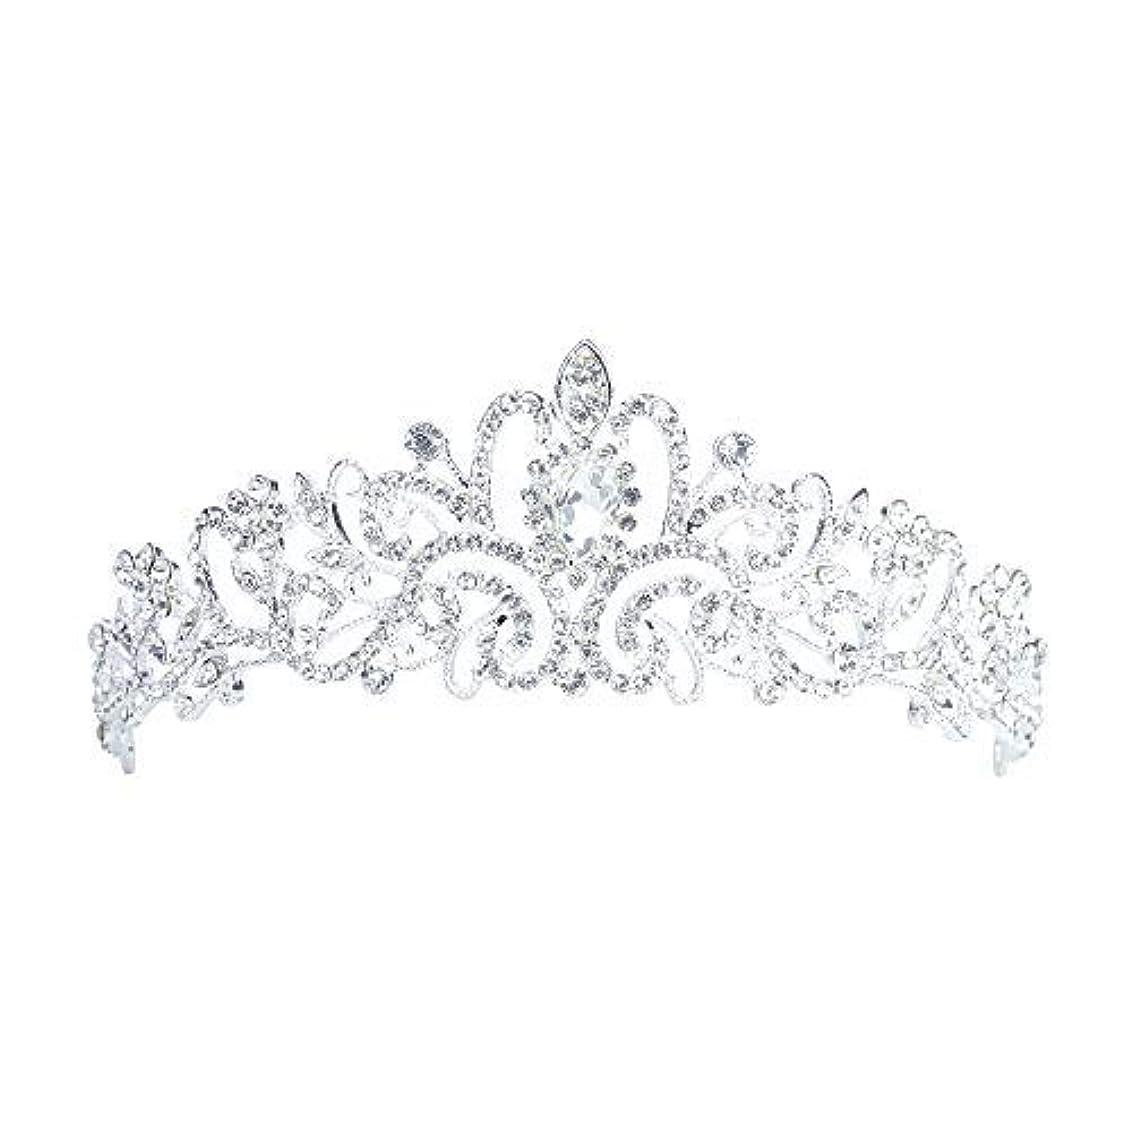 死の顎汚す靄Lermity Hair Comb Crown Rhinestone Hairpins Bridal Wedding Hair Accessories Jewelry Austrian Crystals Hair Clips [並行輸入品]